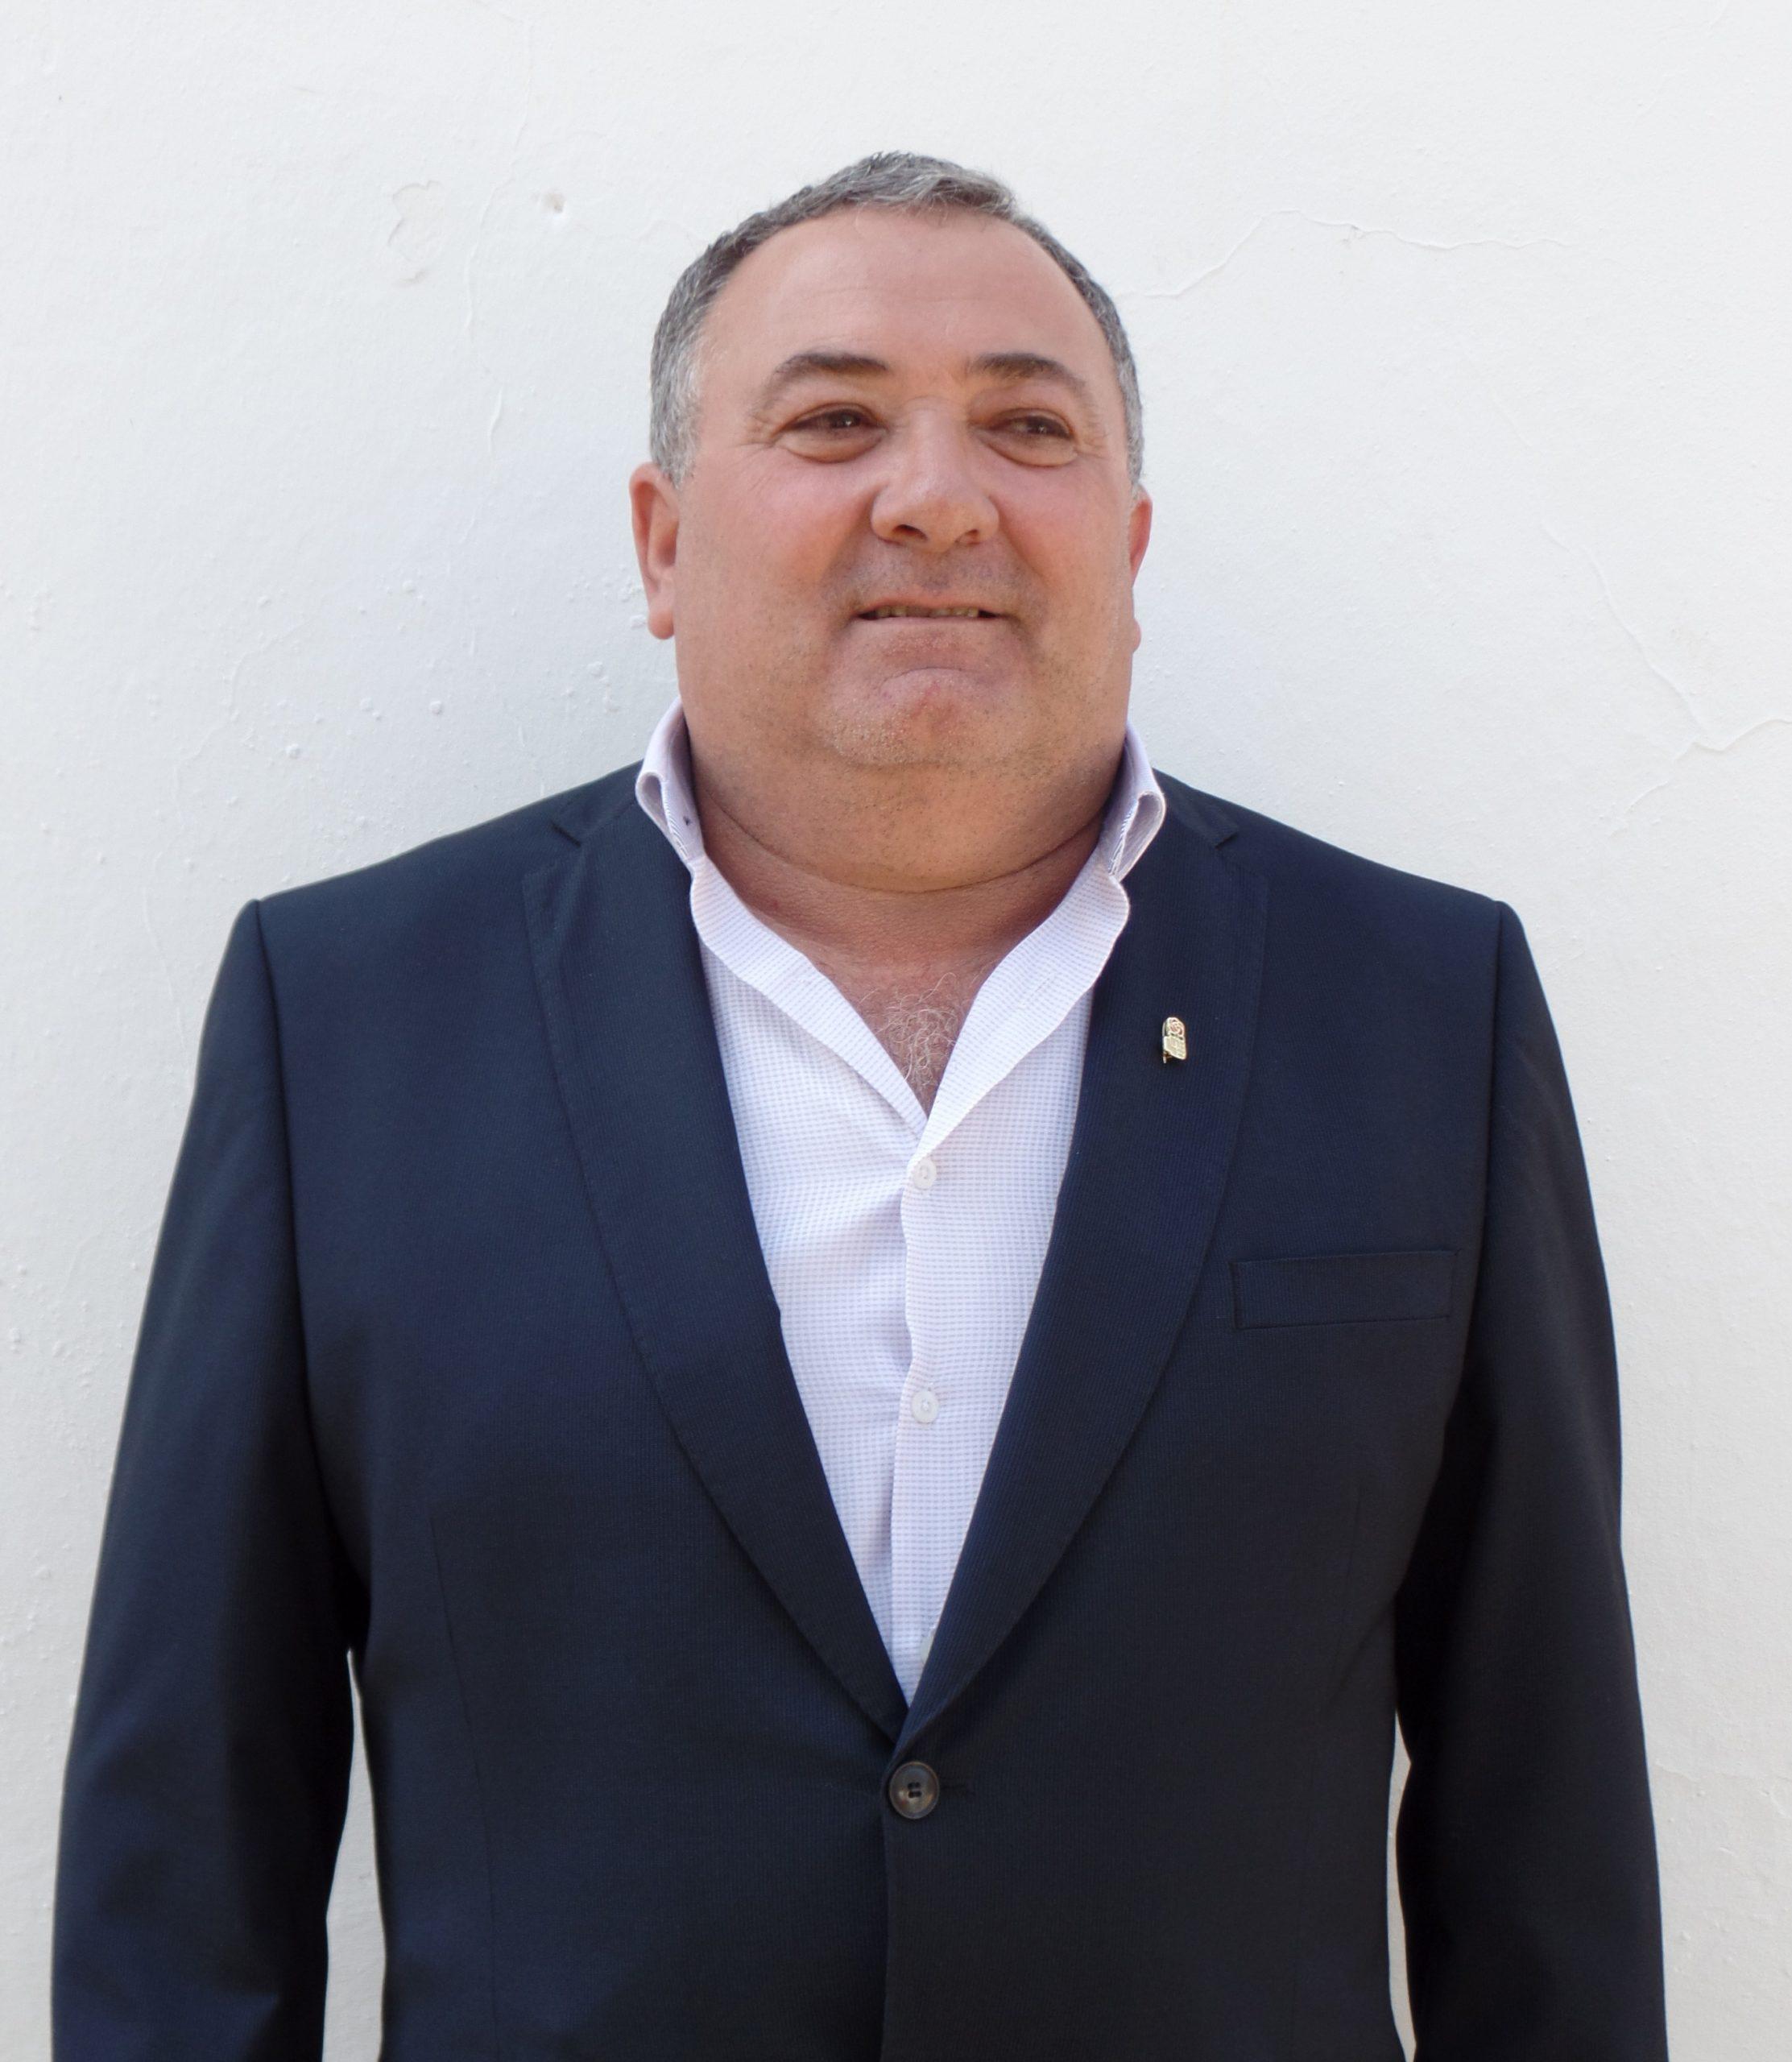 Antonio José Flor Suárez